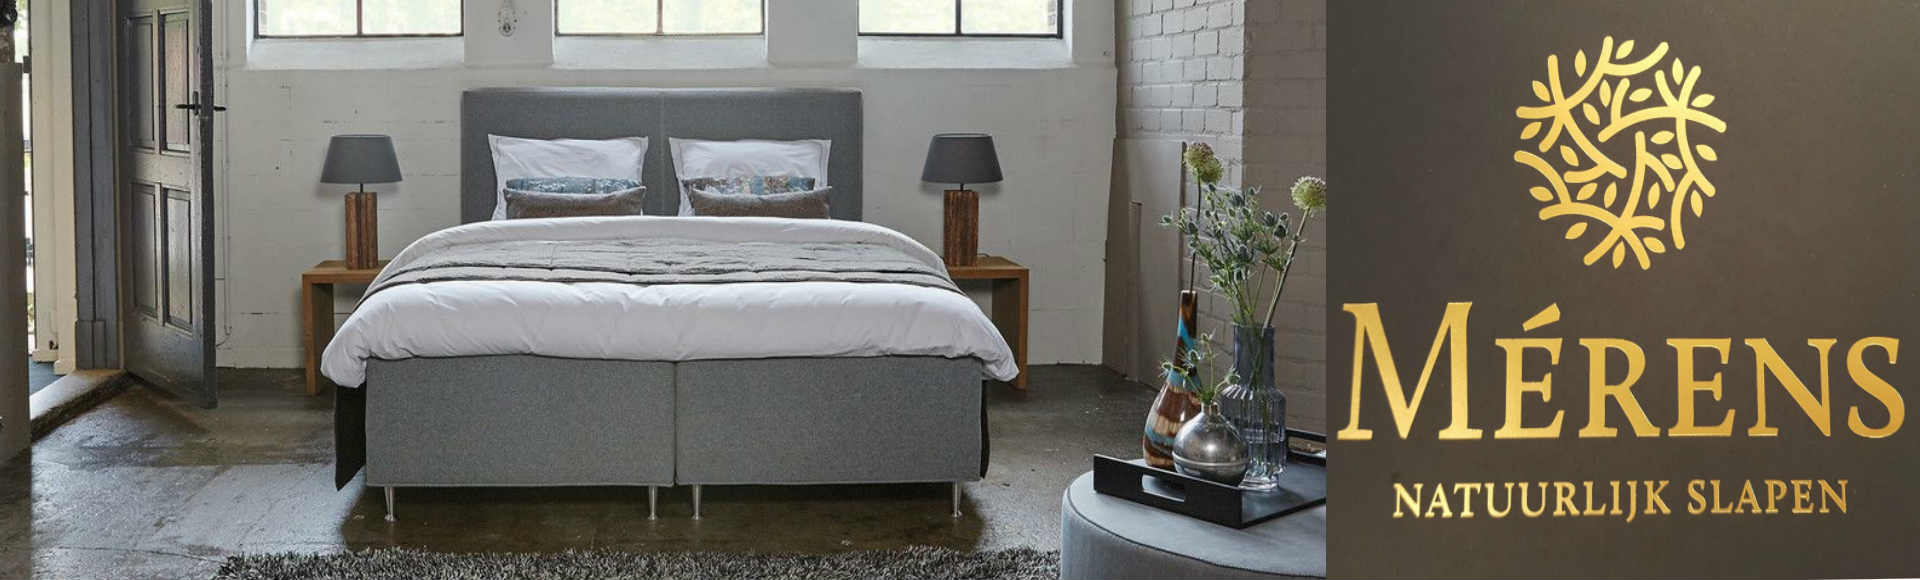 HoekVT - Spezialist in Möbel für Garten und Schlafzimmer